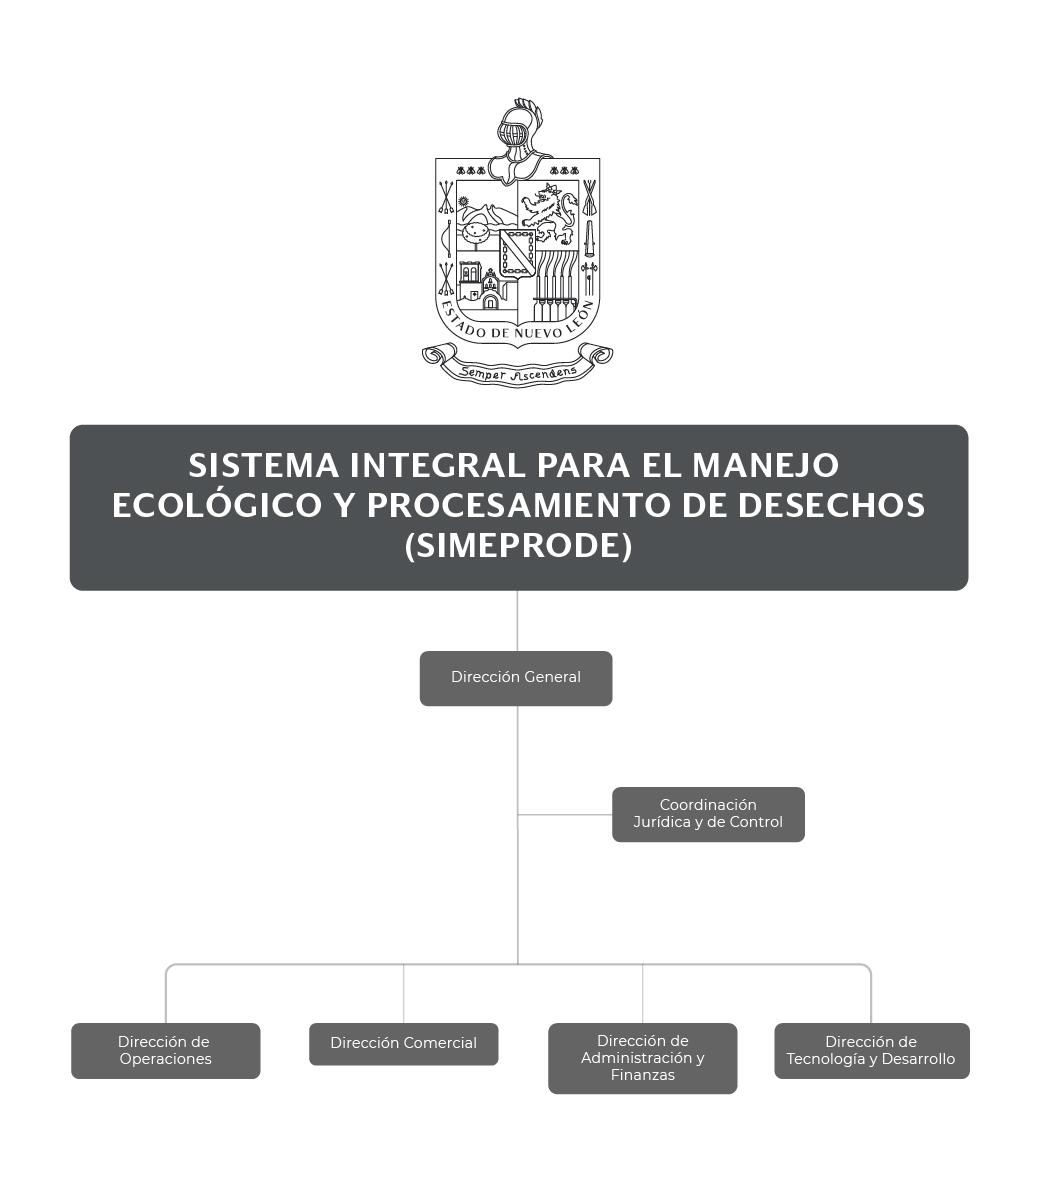 Organigrama del Sistema Integral para el Manejo Ecológico y Procesamiento de Desechos (SIMEPRODE)